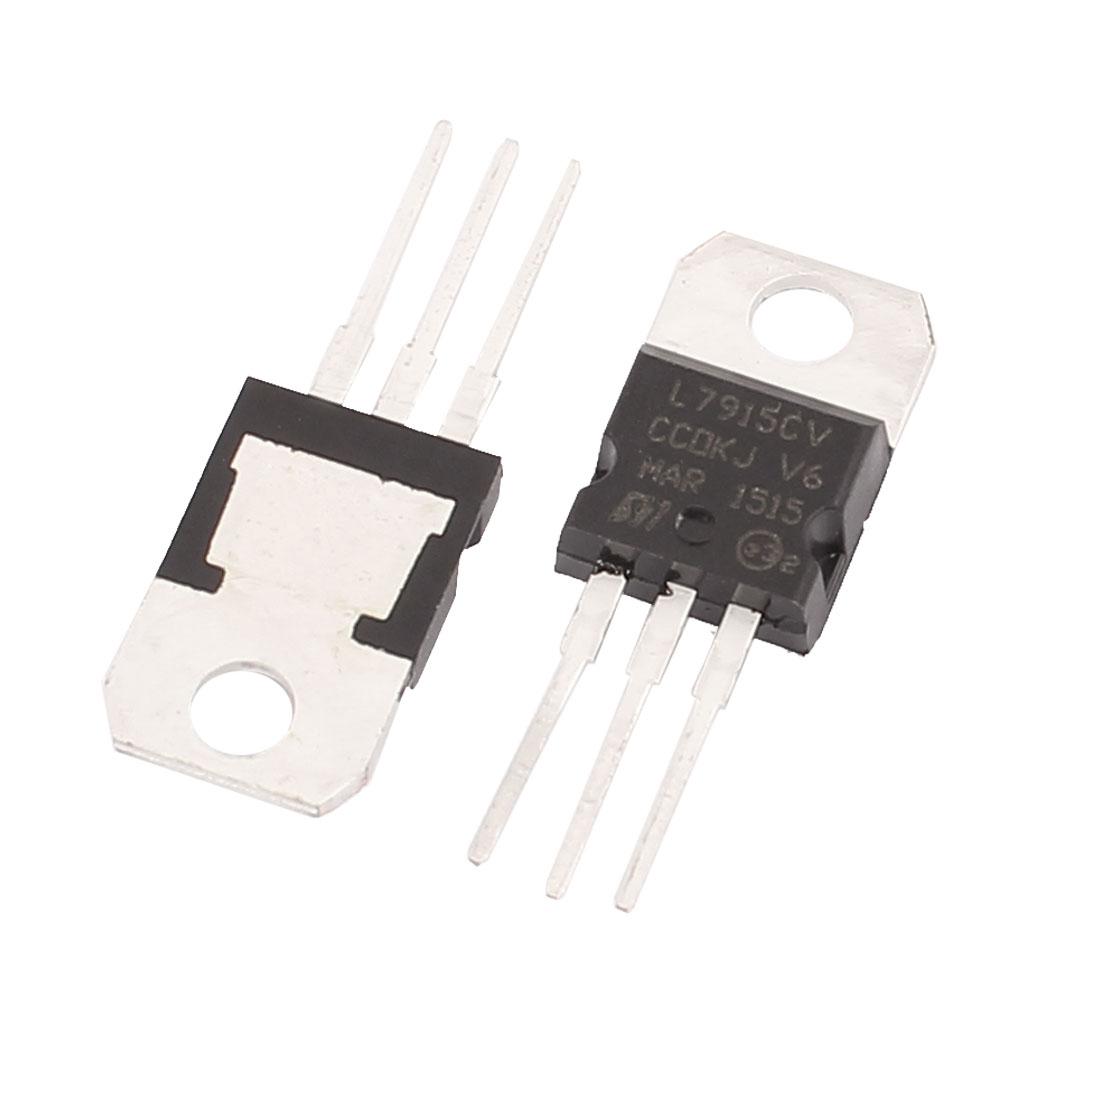 2 Pcs 15V 1A 3 Pin Terminals L7915CV Negative Voltage Regulator TO-220